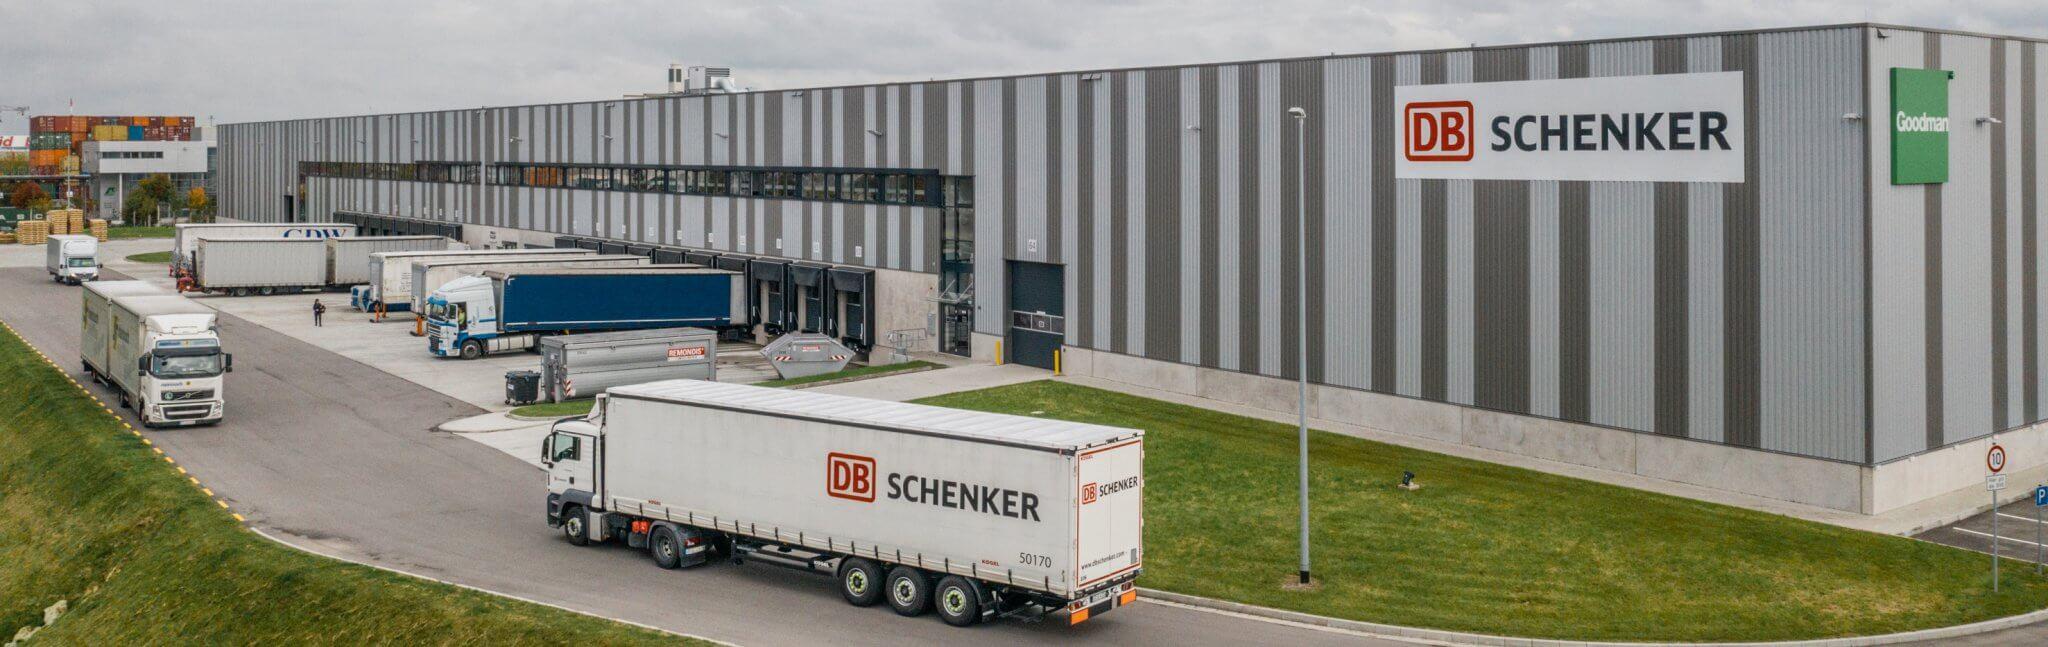 GVZ Augsburg: Leistungsstarke Kontraktlogistik an einem wirtschaftlichen Hotspot